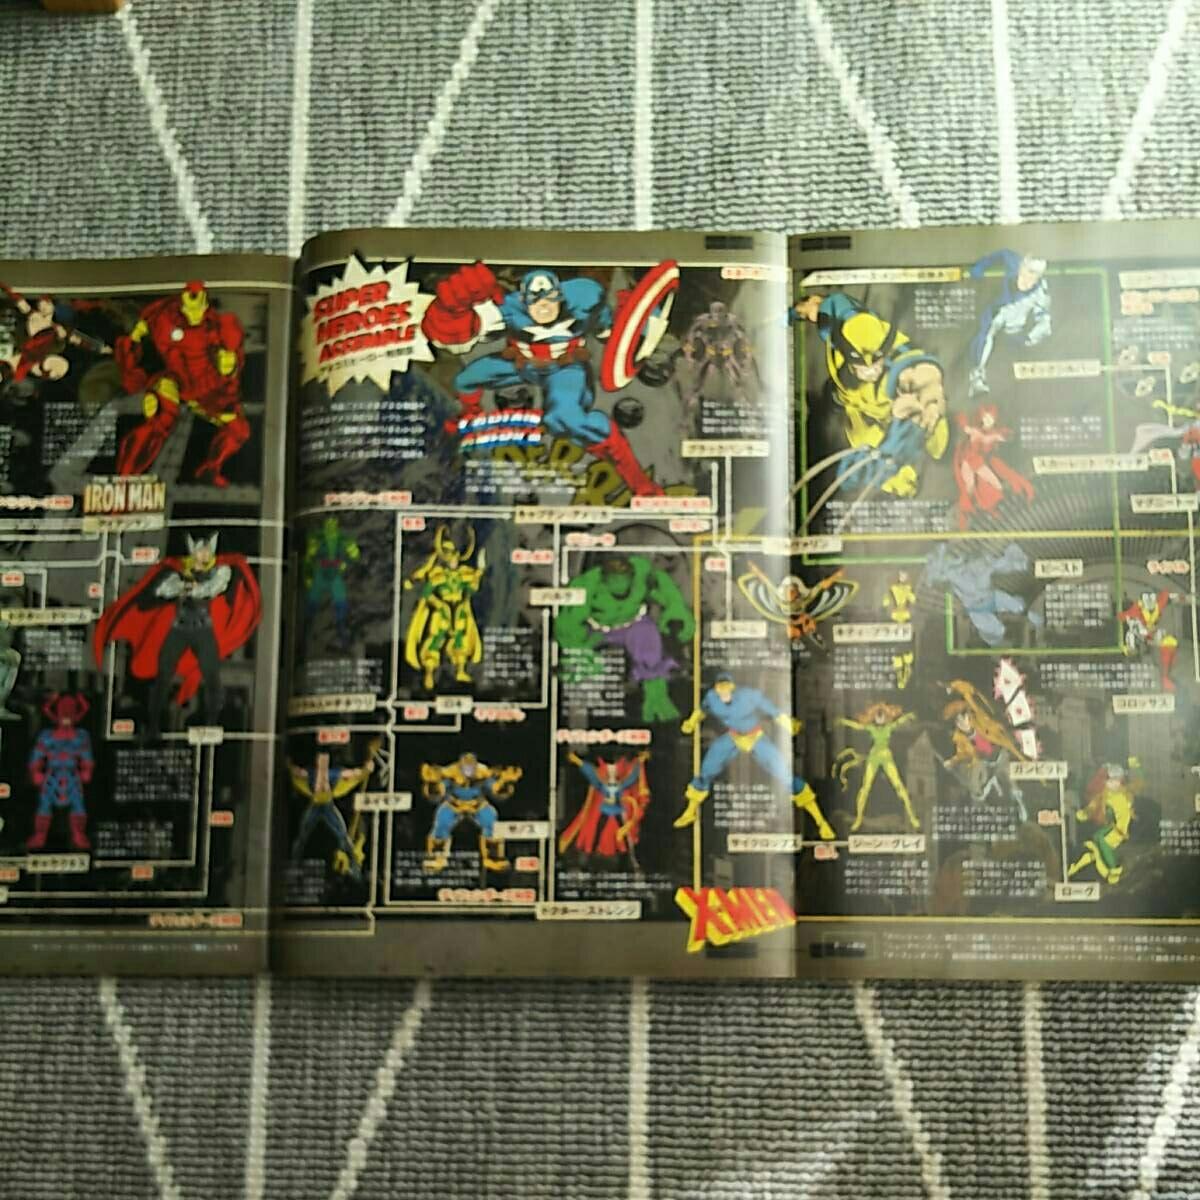 BRUTUS HEROES アメコミ アベンジャーズ MARVEL スパイダーマン キャプテンアメリカ アイアンマン ハルク ヴェノム スタンリー マーベル_画像2